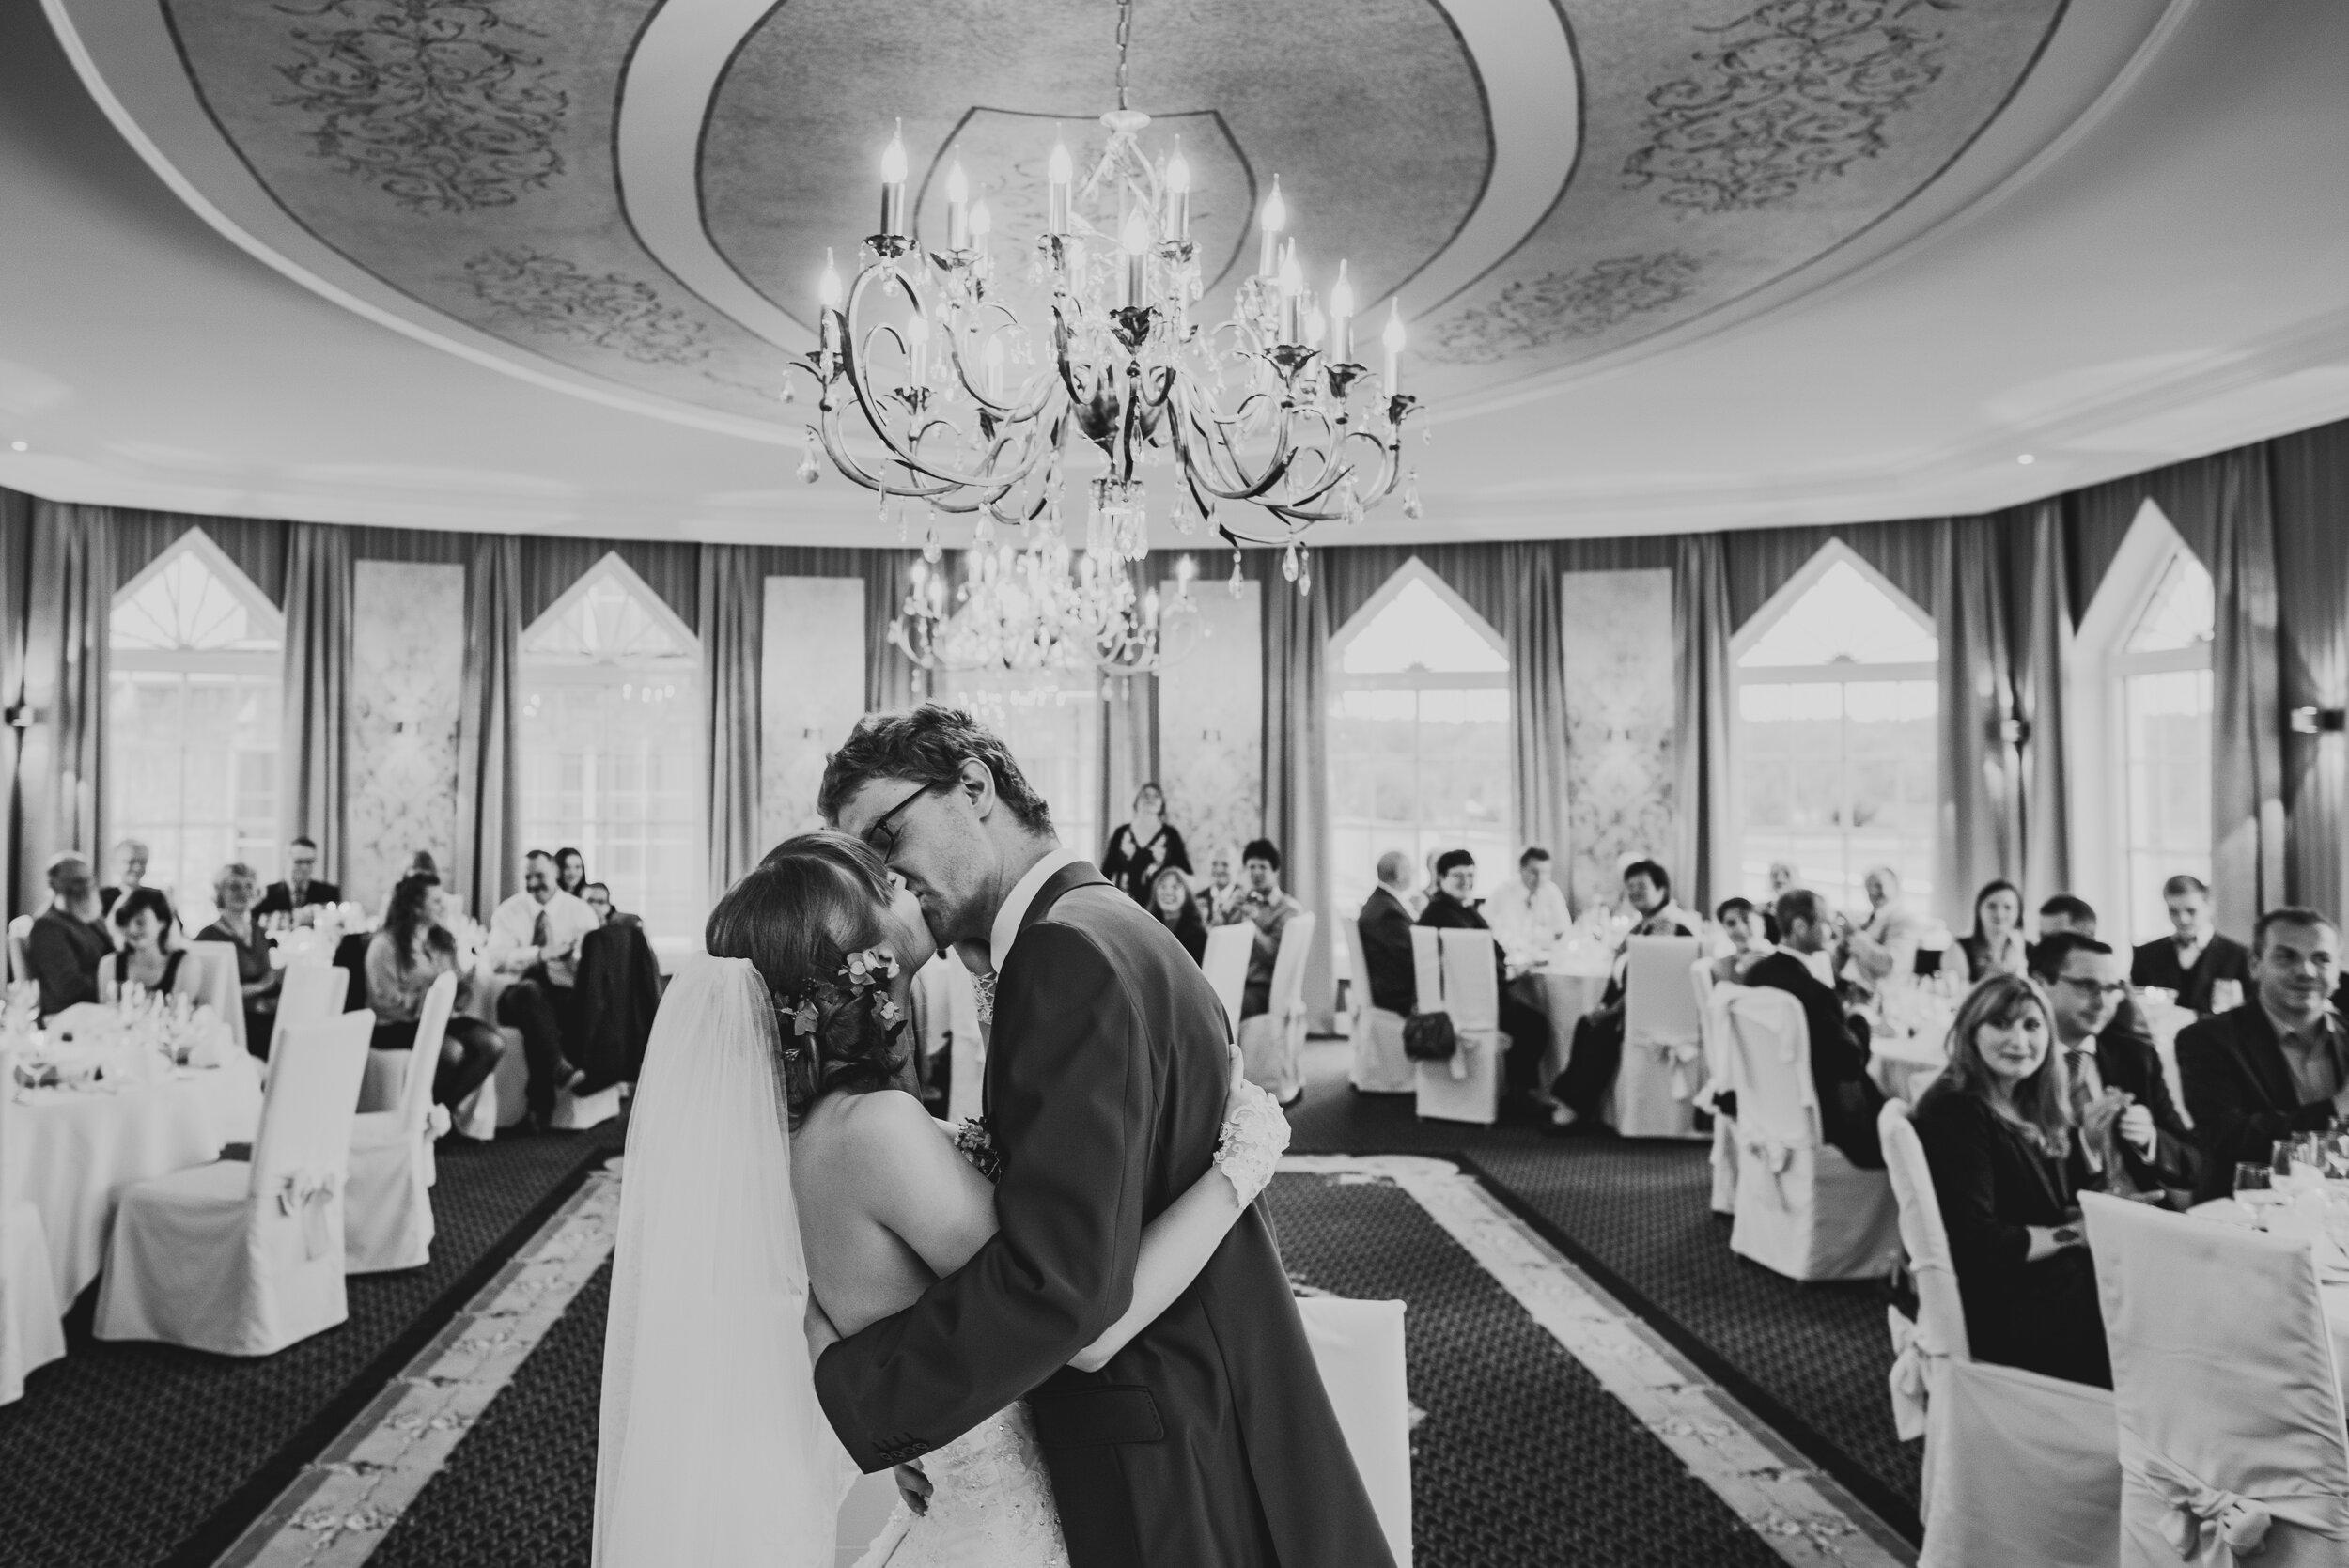 """Sarah + Ingo - """"Hallo Ron, wir danken dir fuer die viele genialen Fotos. Sie fangen die Stimmung unserer Hochzeitsfeier wunderbar ein. Auch wenn unsere Erinnerungen verblassen, diese Bilder bleiben. Sie sind stille Zeugen unserer schoensten Momente. Die ideenreiche Fotosession mit den schoenen Motiven und wundervollen Momenten hat dazu beigetragen, diesen Abend zu einem fuer uns unvergesslichen Erlebnis zu machen. Wir danken dir fuer deine grossartige und professionelle Arbeit. Viele Gruesse, Sarah und Ingo."""""""